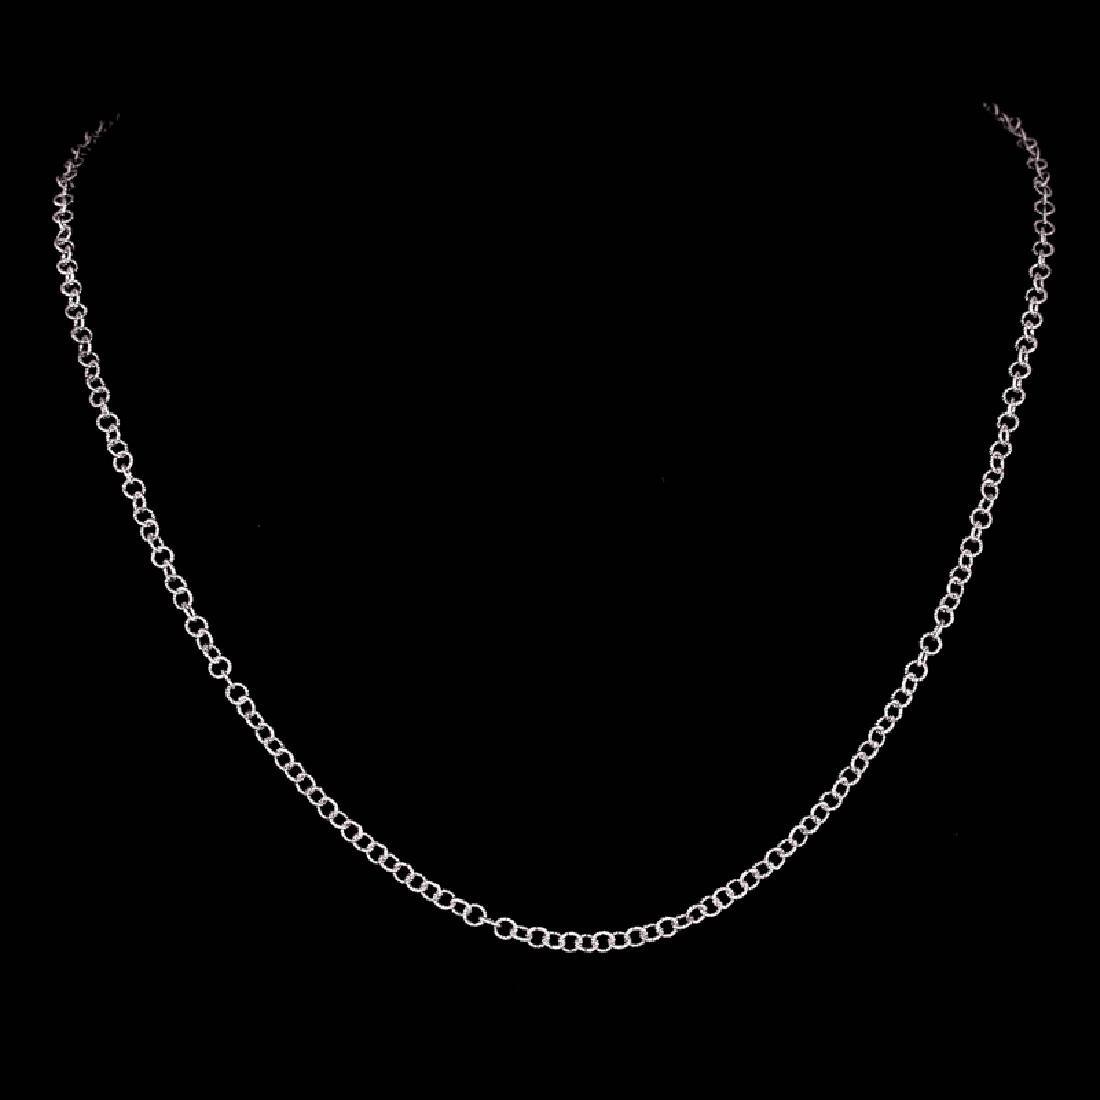 *Fine Jewelry 14 KT White Gold, 4.5GR, 18'' Medium